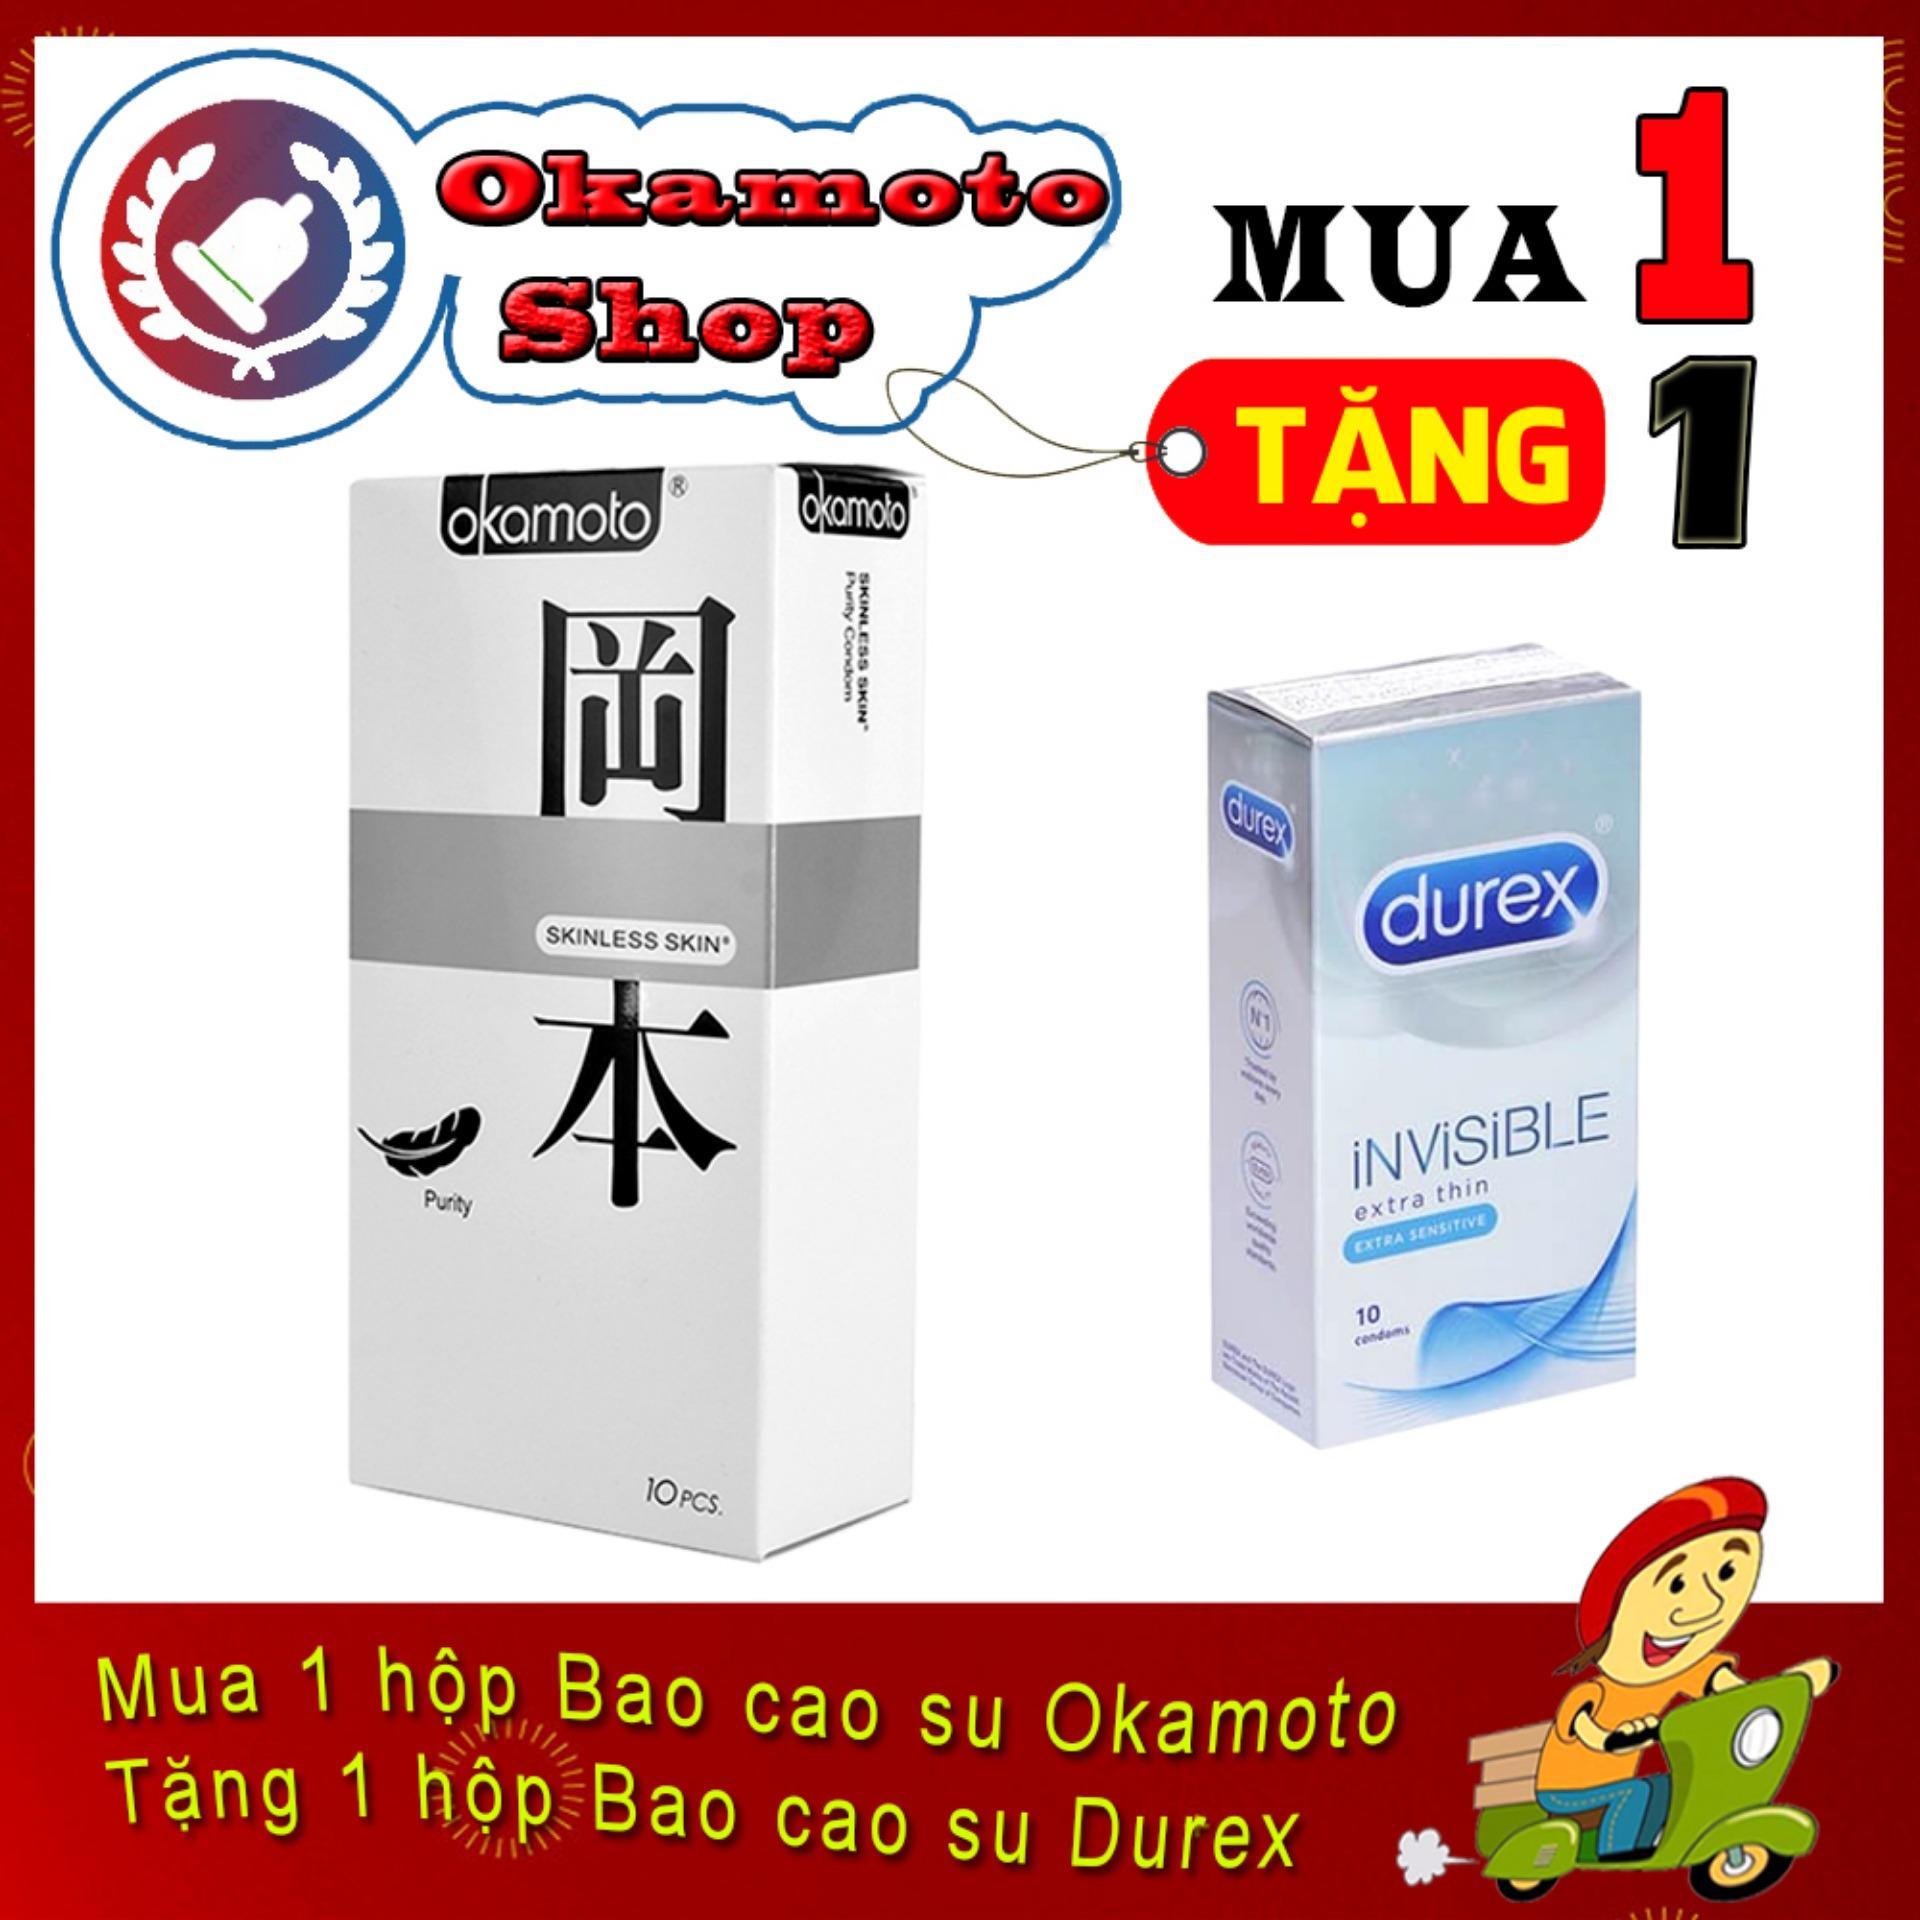 [Mua 1 tặng 1] Bao Cao Su Okamoto Purity siêu mỏng 0.05mm 10s - Tặng Bao cao su Durex Invisible cực siêu mỏng 10s